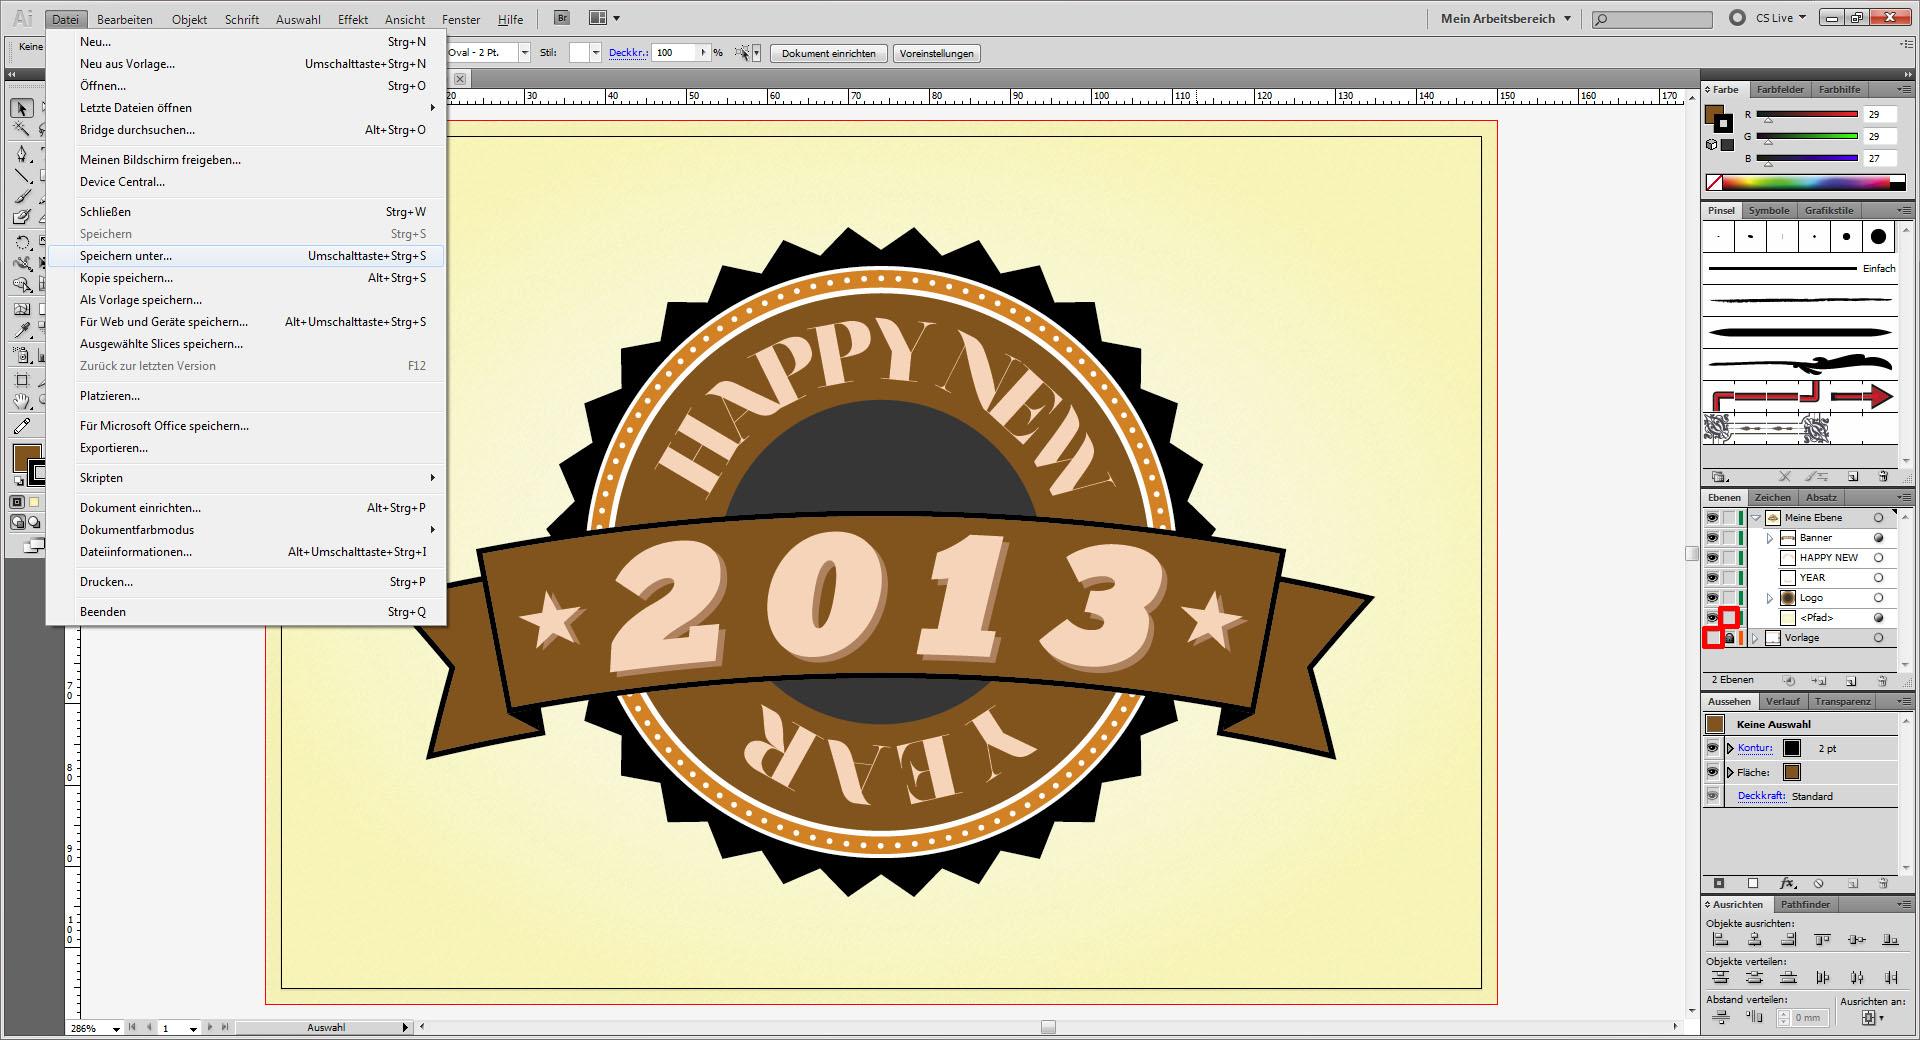 design vorlagen illustrator - 28 images - business 183 design 183 ...